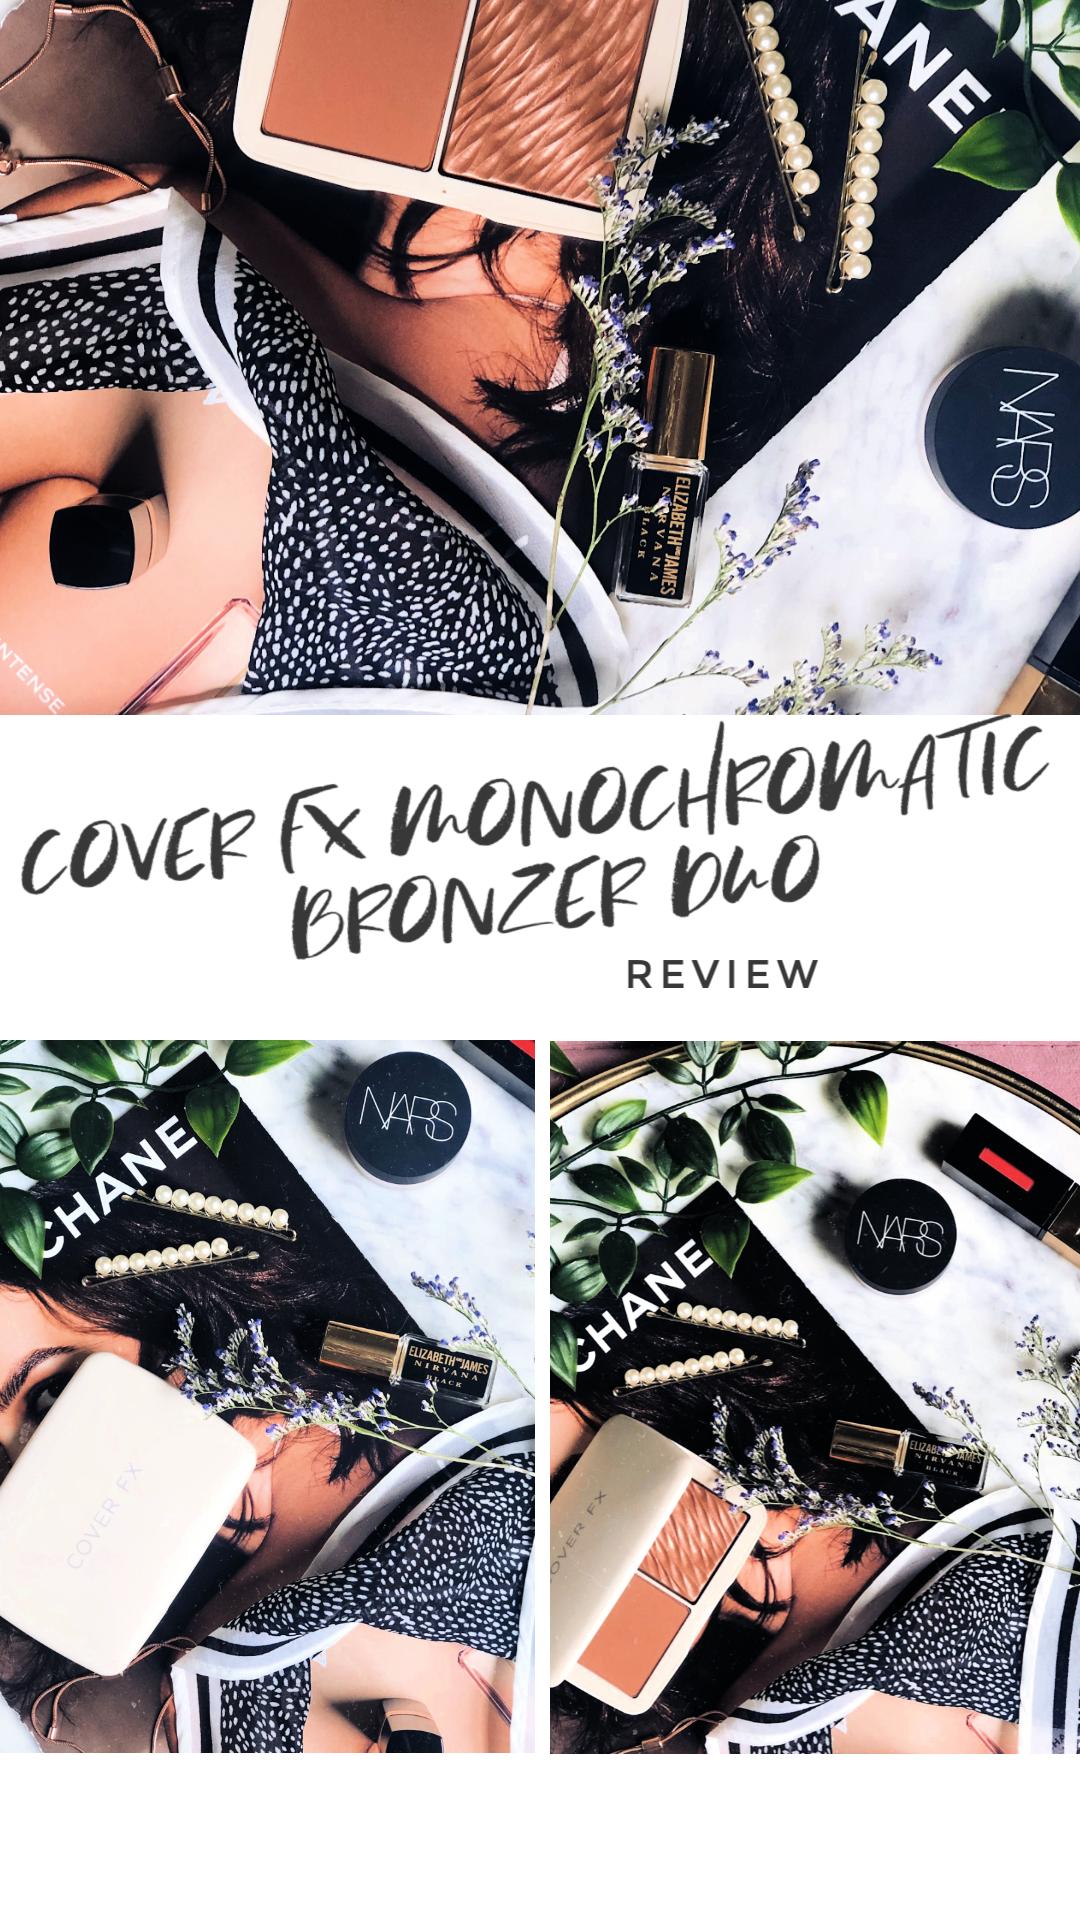 Cover FX Monochromatic Bronzer Duo Bronzer, Cover fx